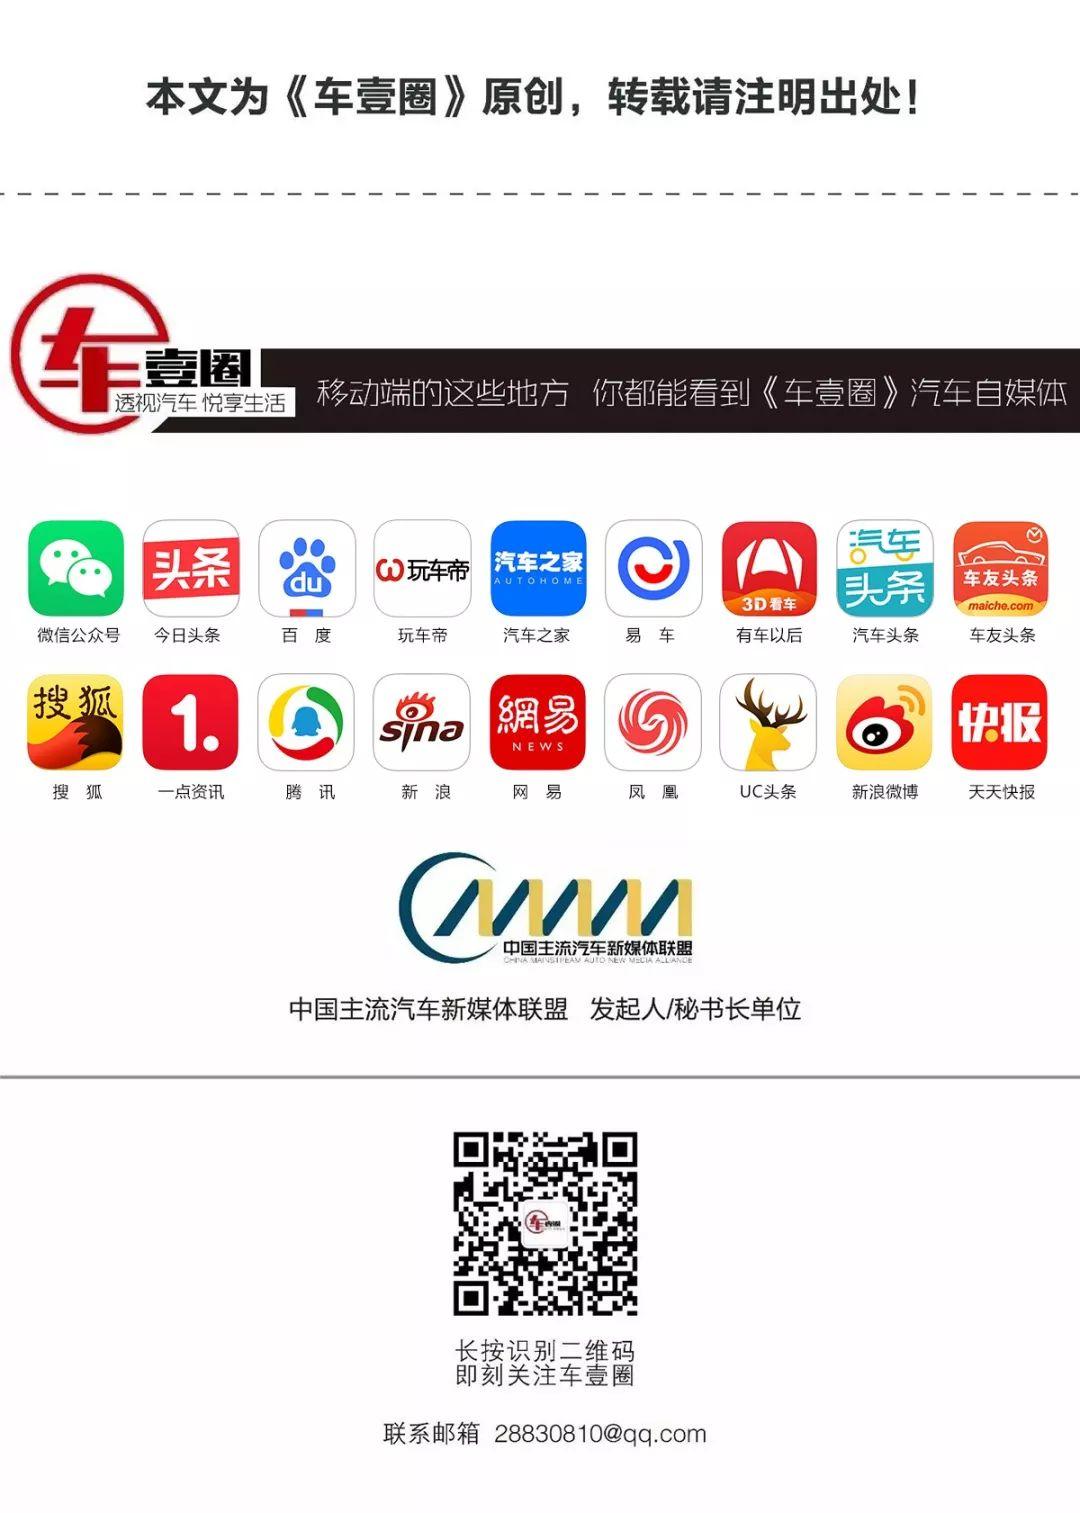 700万奥迪车主时,全新SQ5正式进入中国,售63.28万元